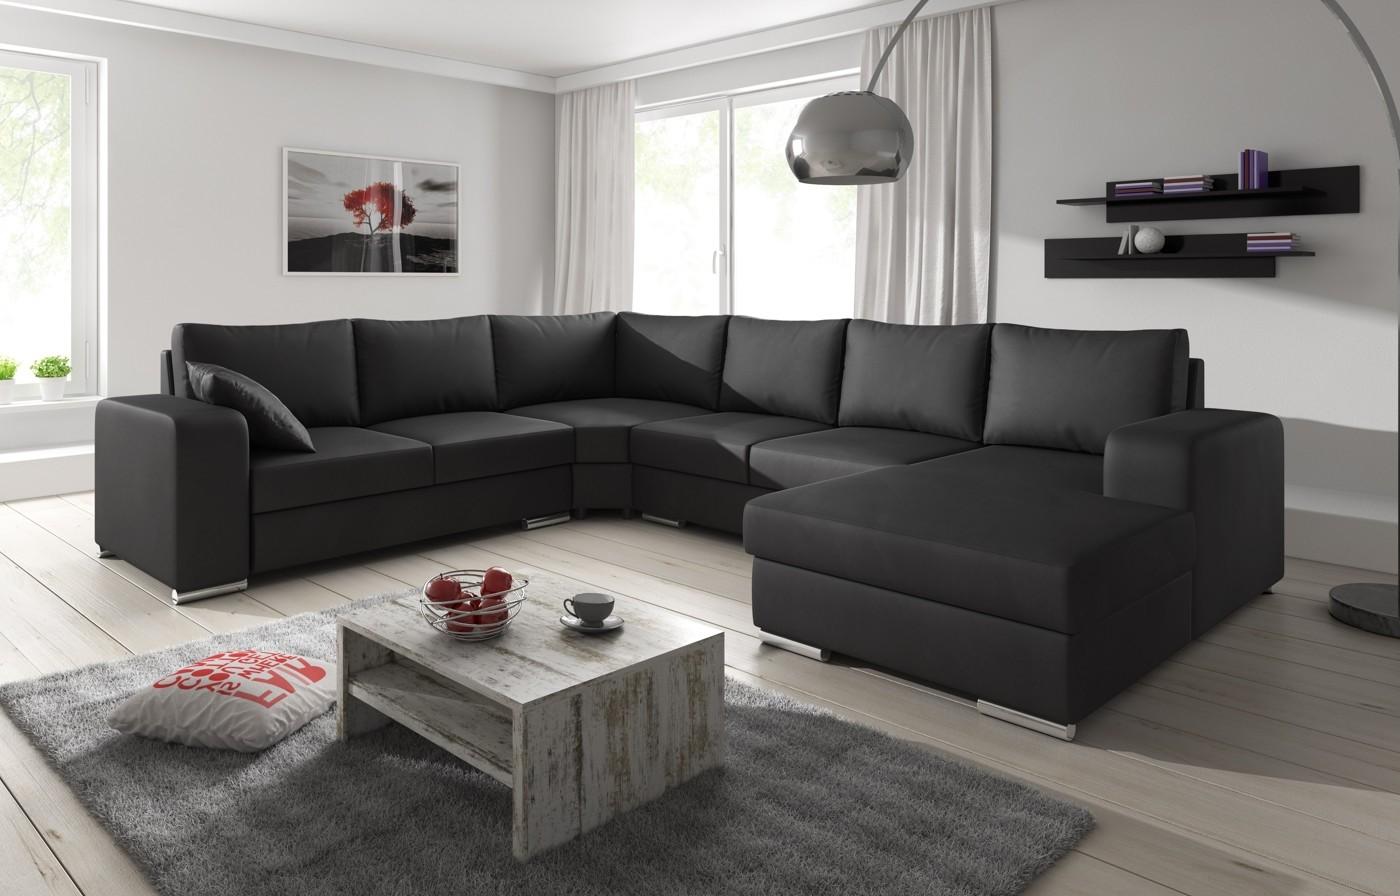 Hoekbank Leer Lounge.Hoekbank Adel Zwart Leer Rechts Meubella